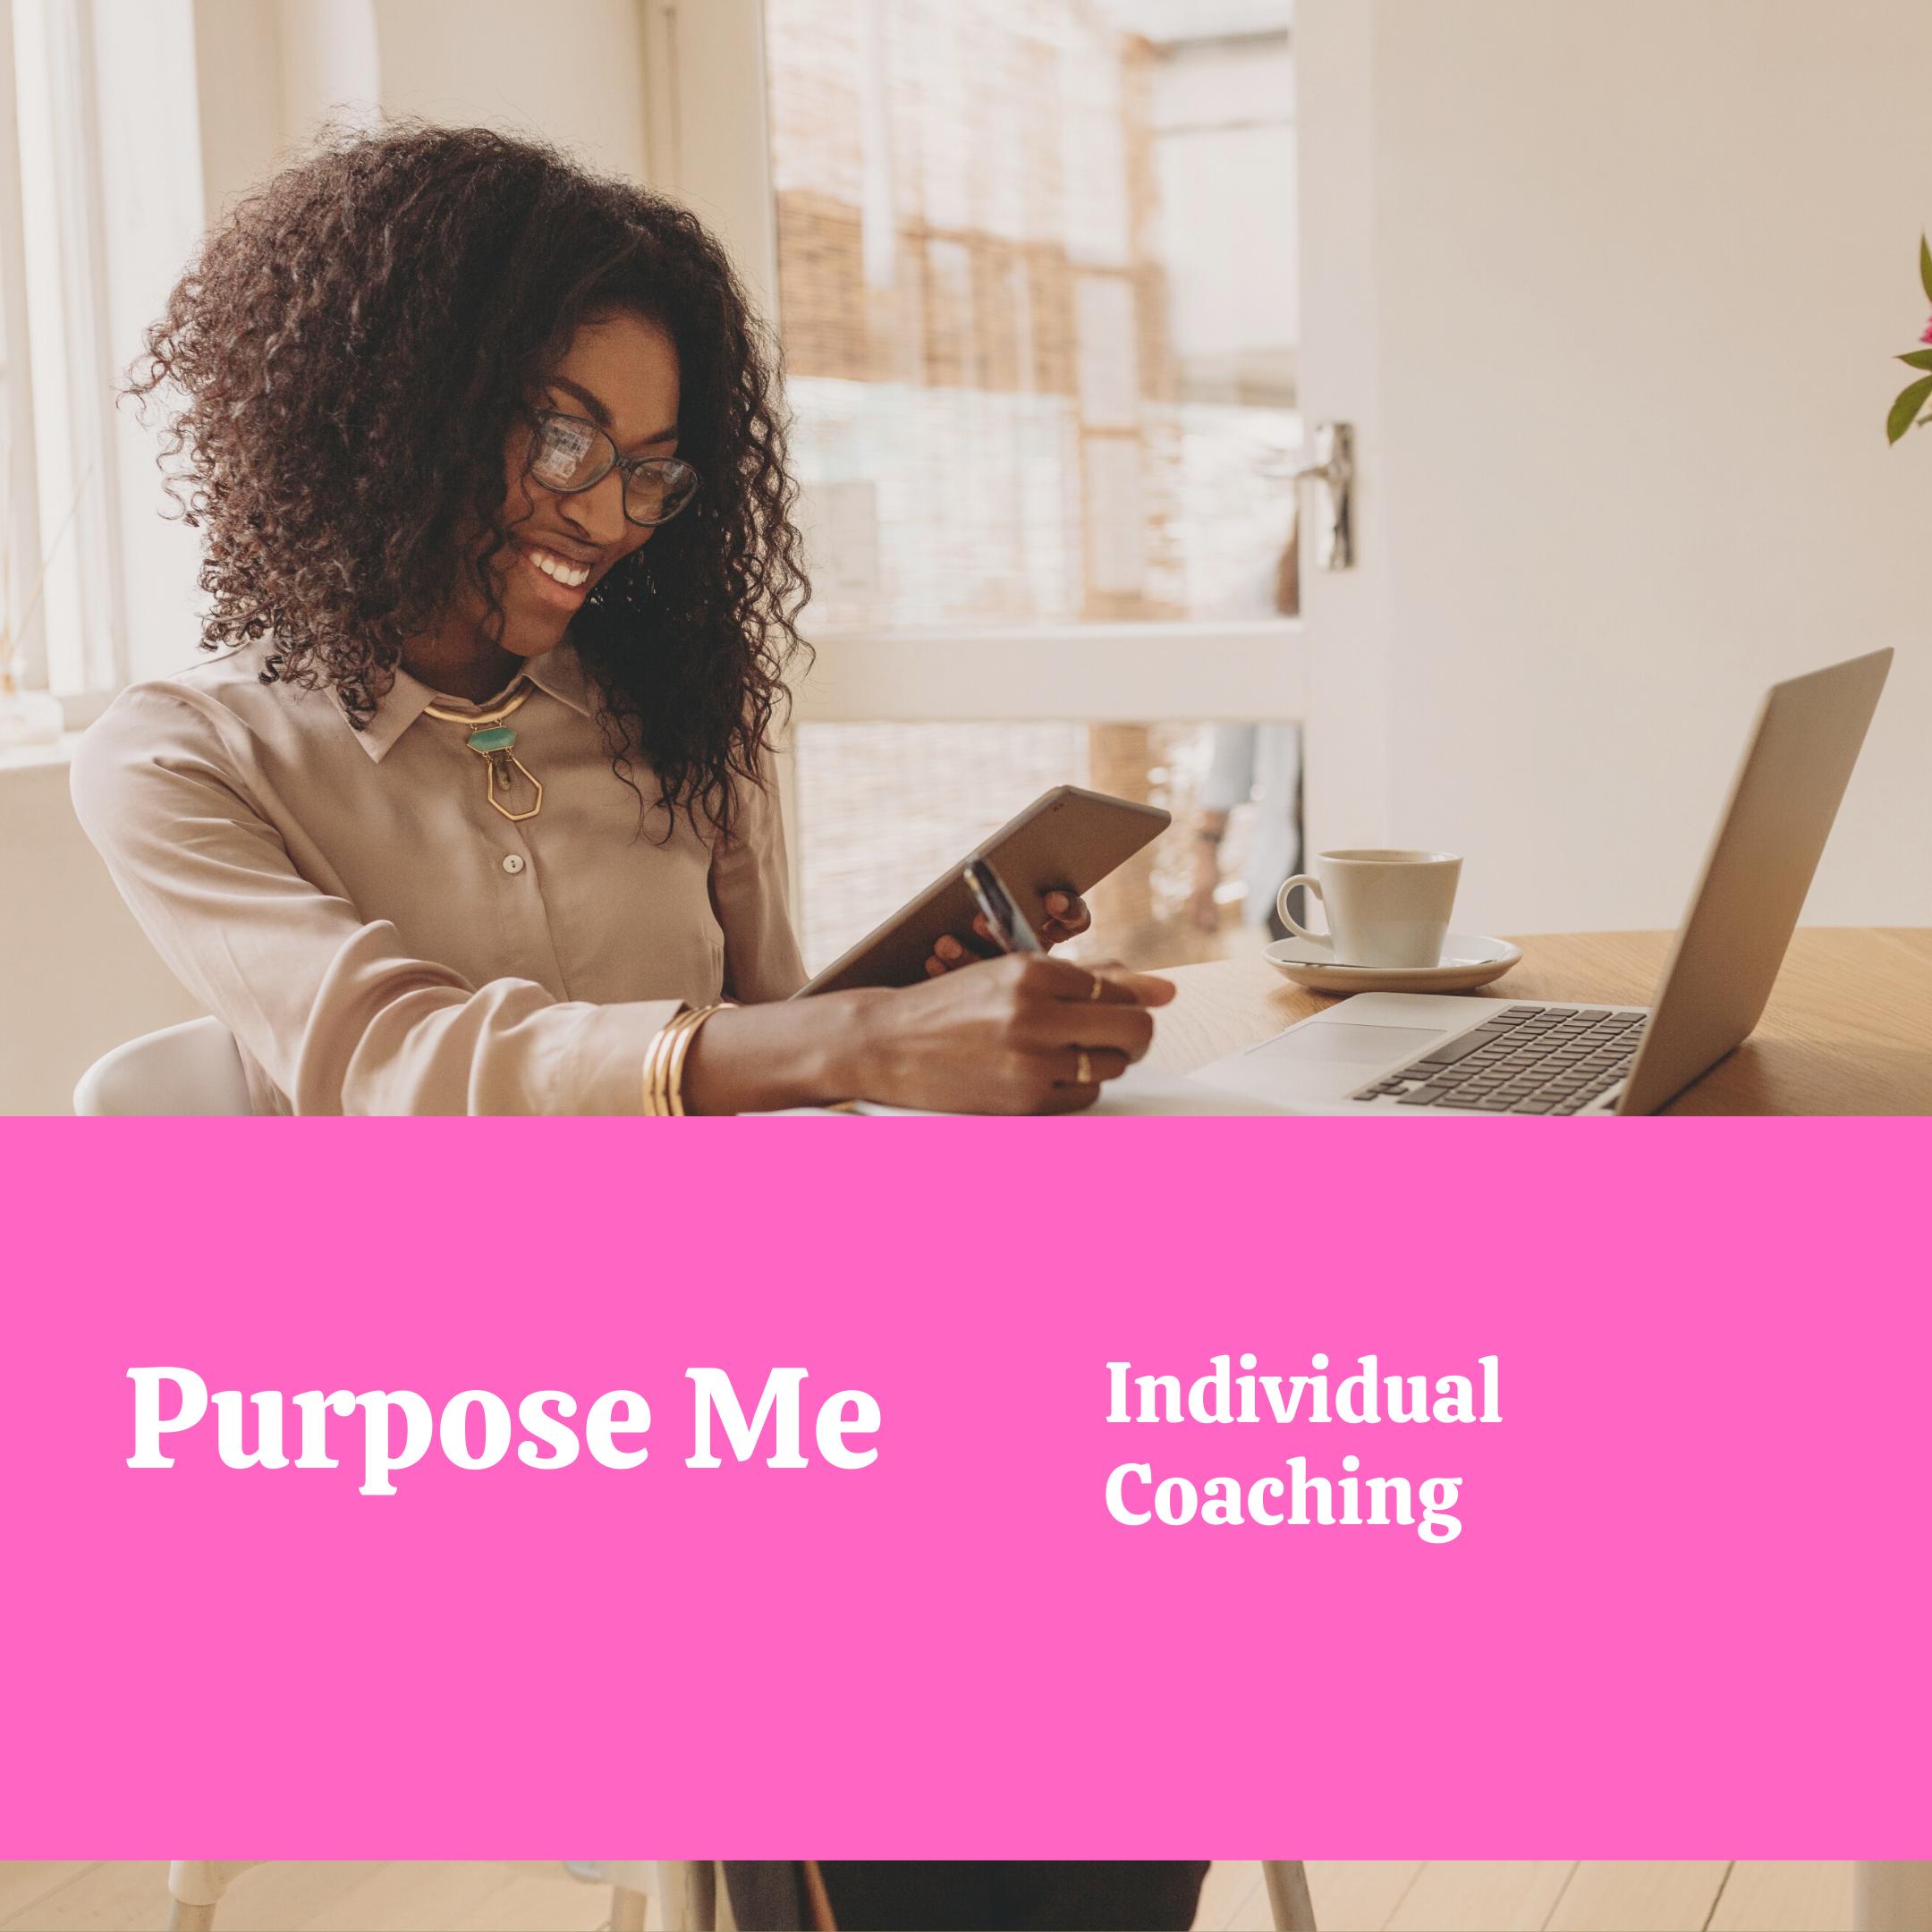 Individual Purpose Me Coaching